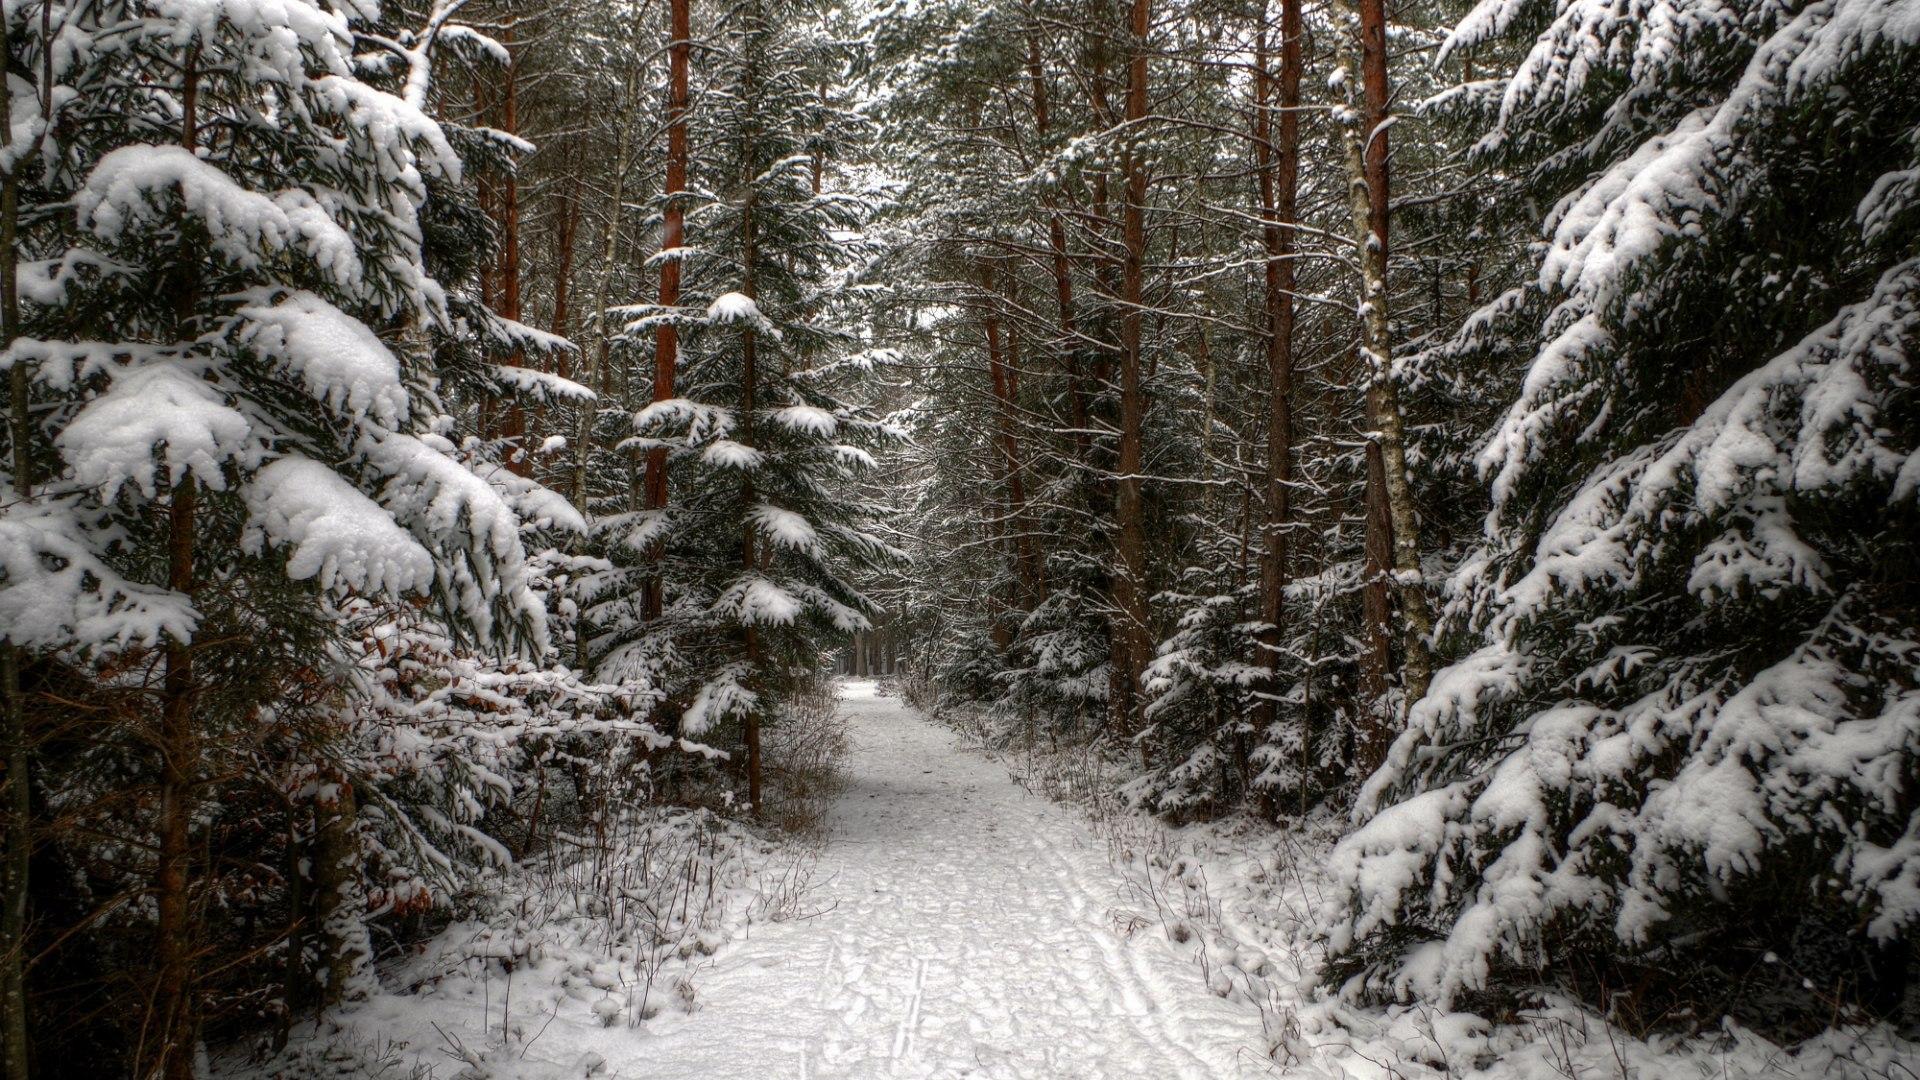 Хвойный лес зимой картинка